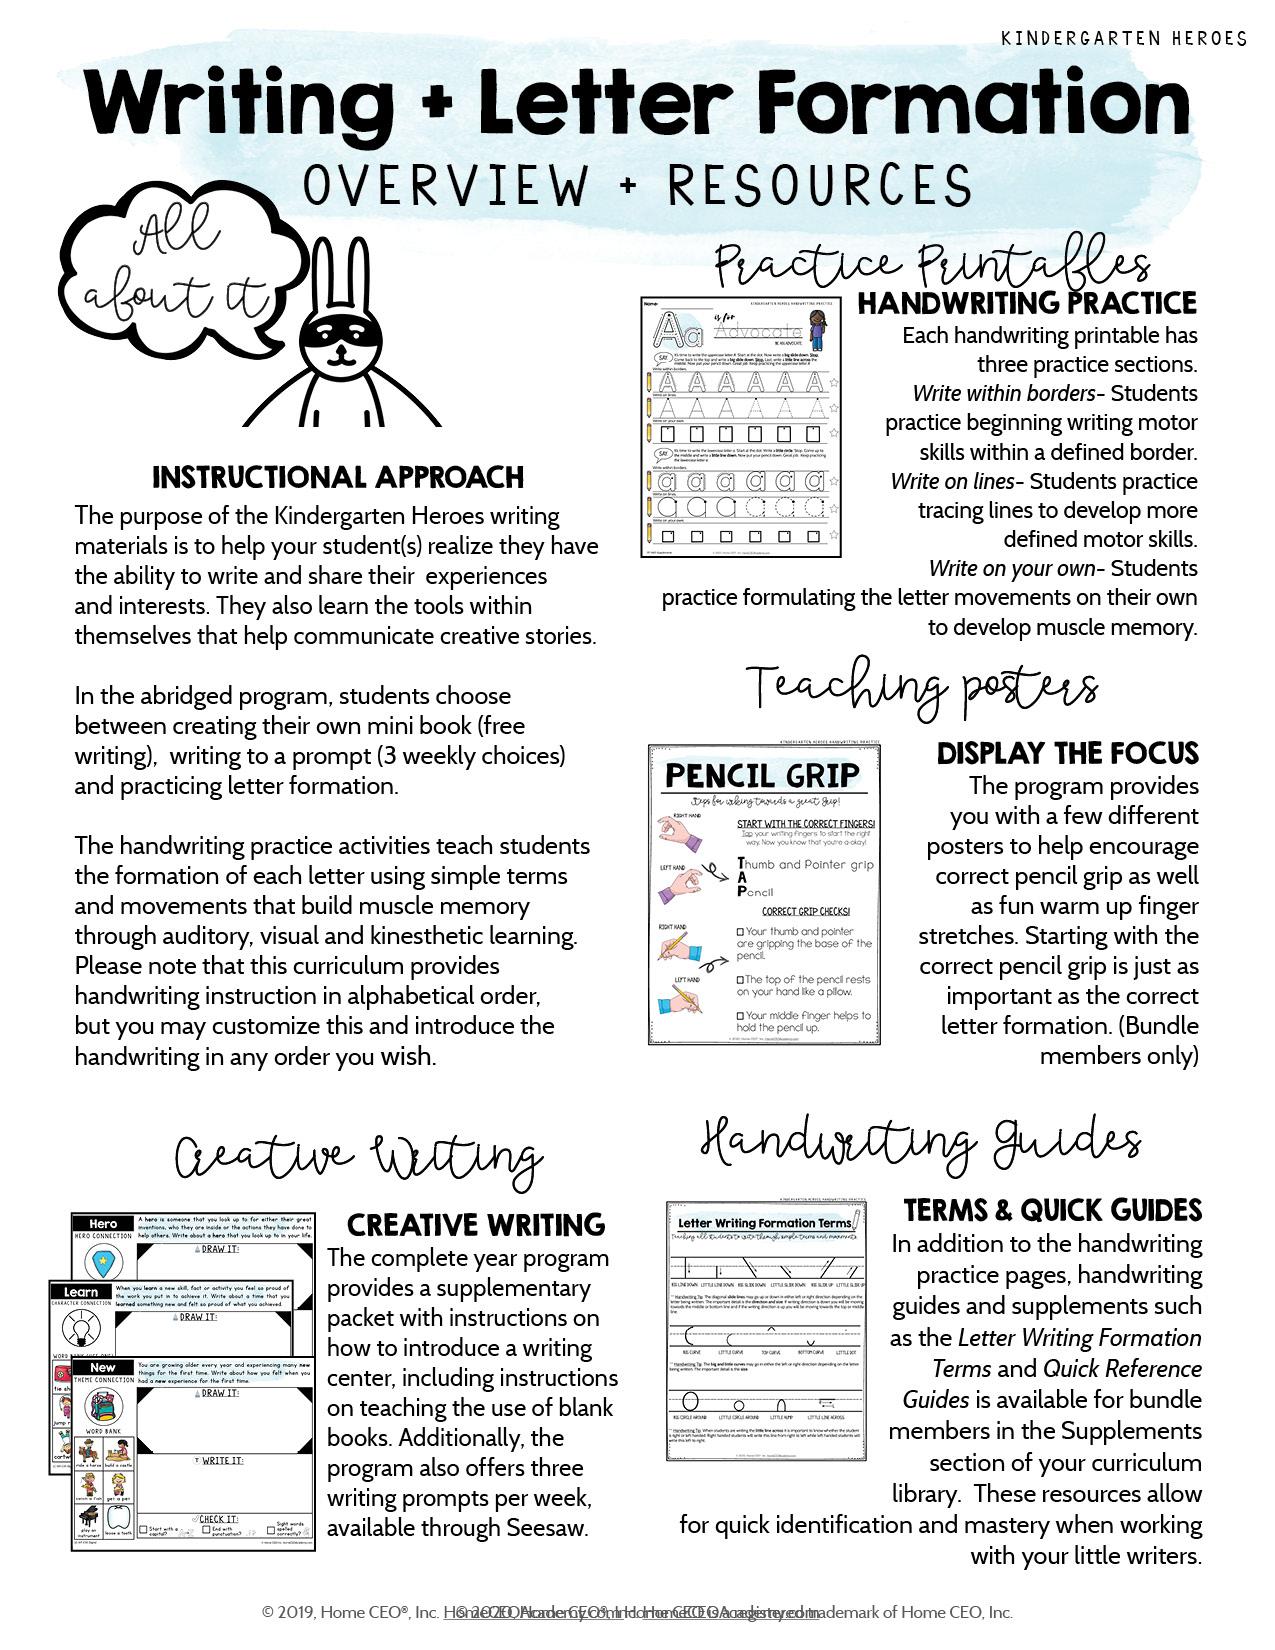 Kindergarten Heroes Curriculum Writing Overview